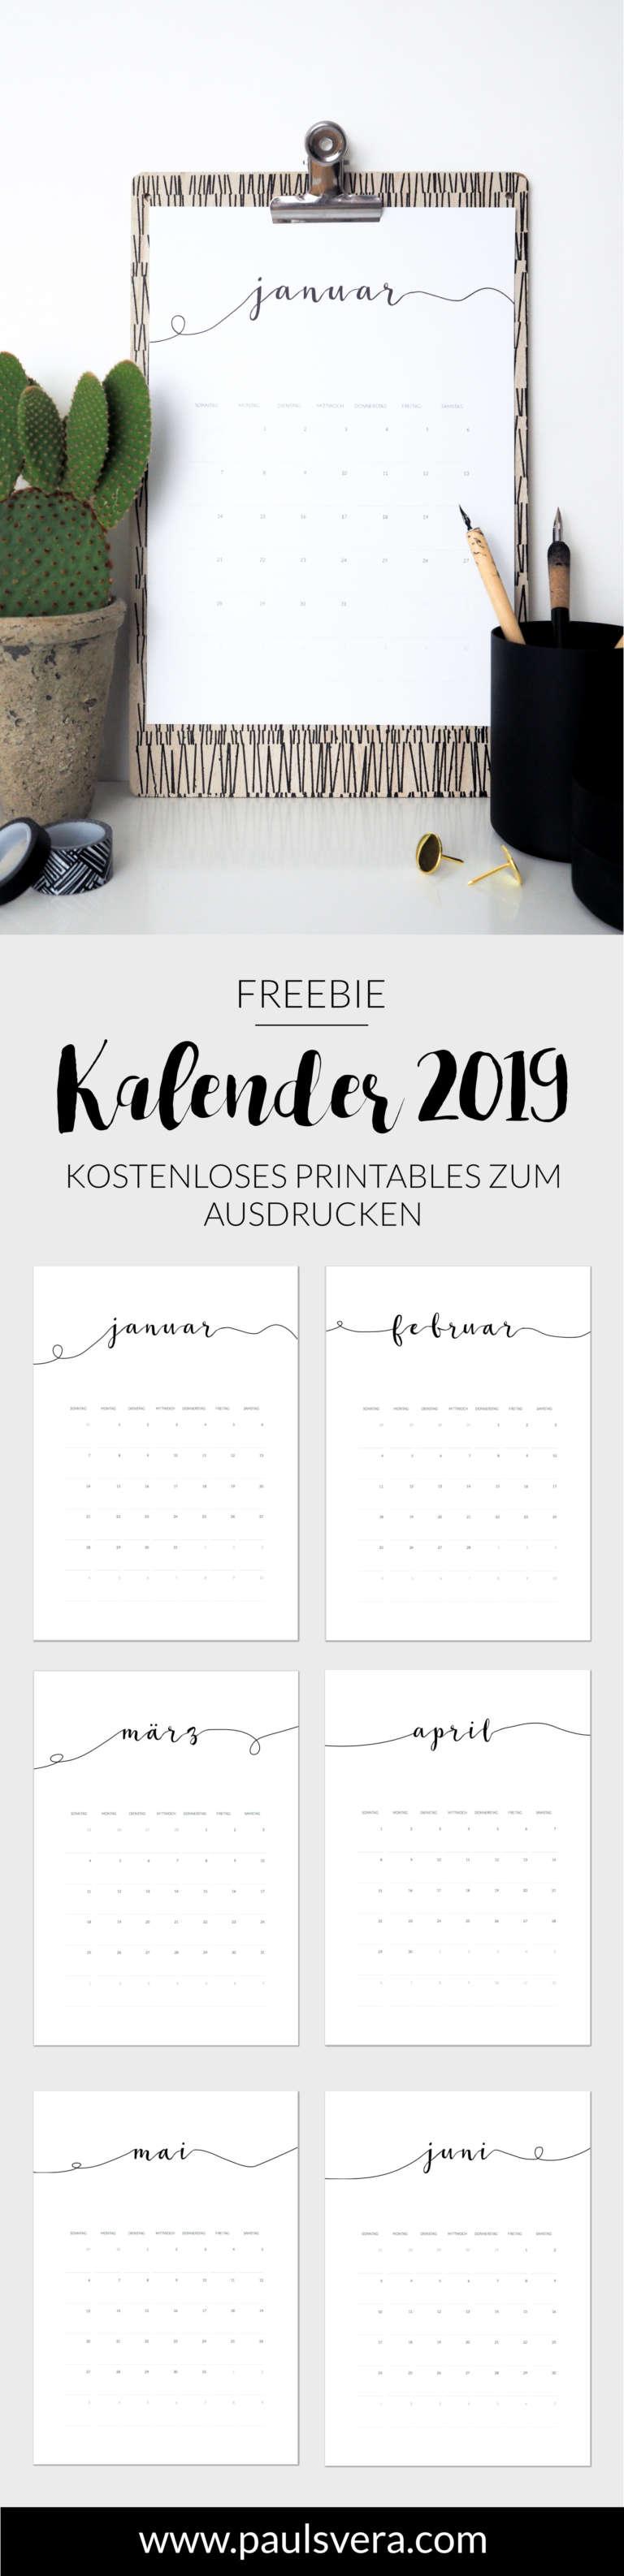 Freebie Minimalistischer Kalender 2019 Paulsvera